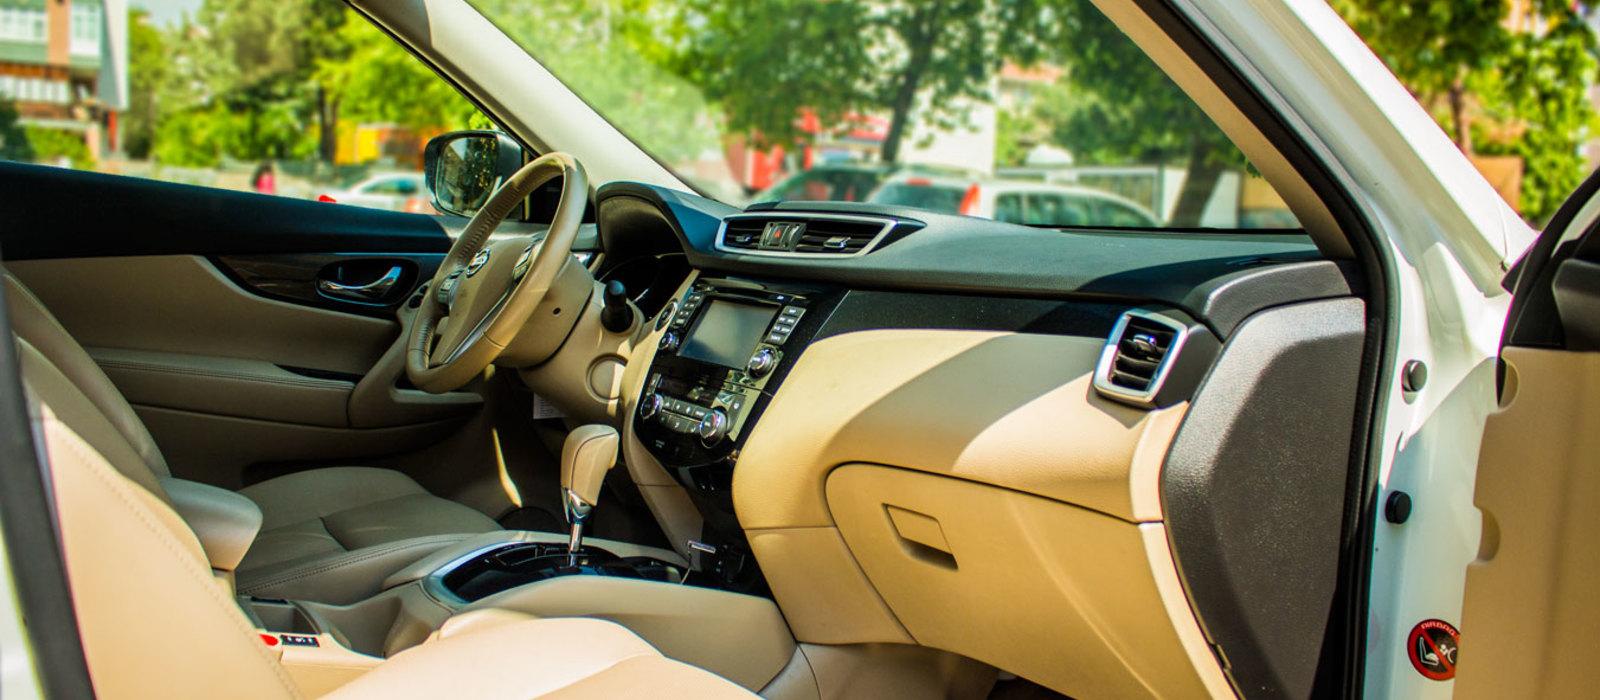 ikinci el araba 2015 Nissan X-Trail 1.6 dCi Platinum Premium Dizel Otomatik 46000 KM 3